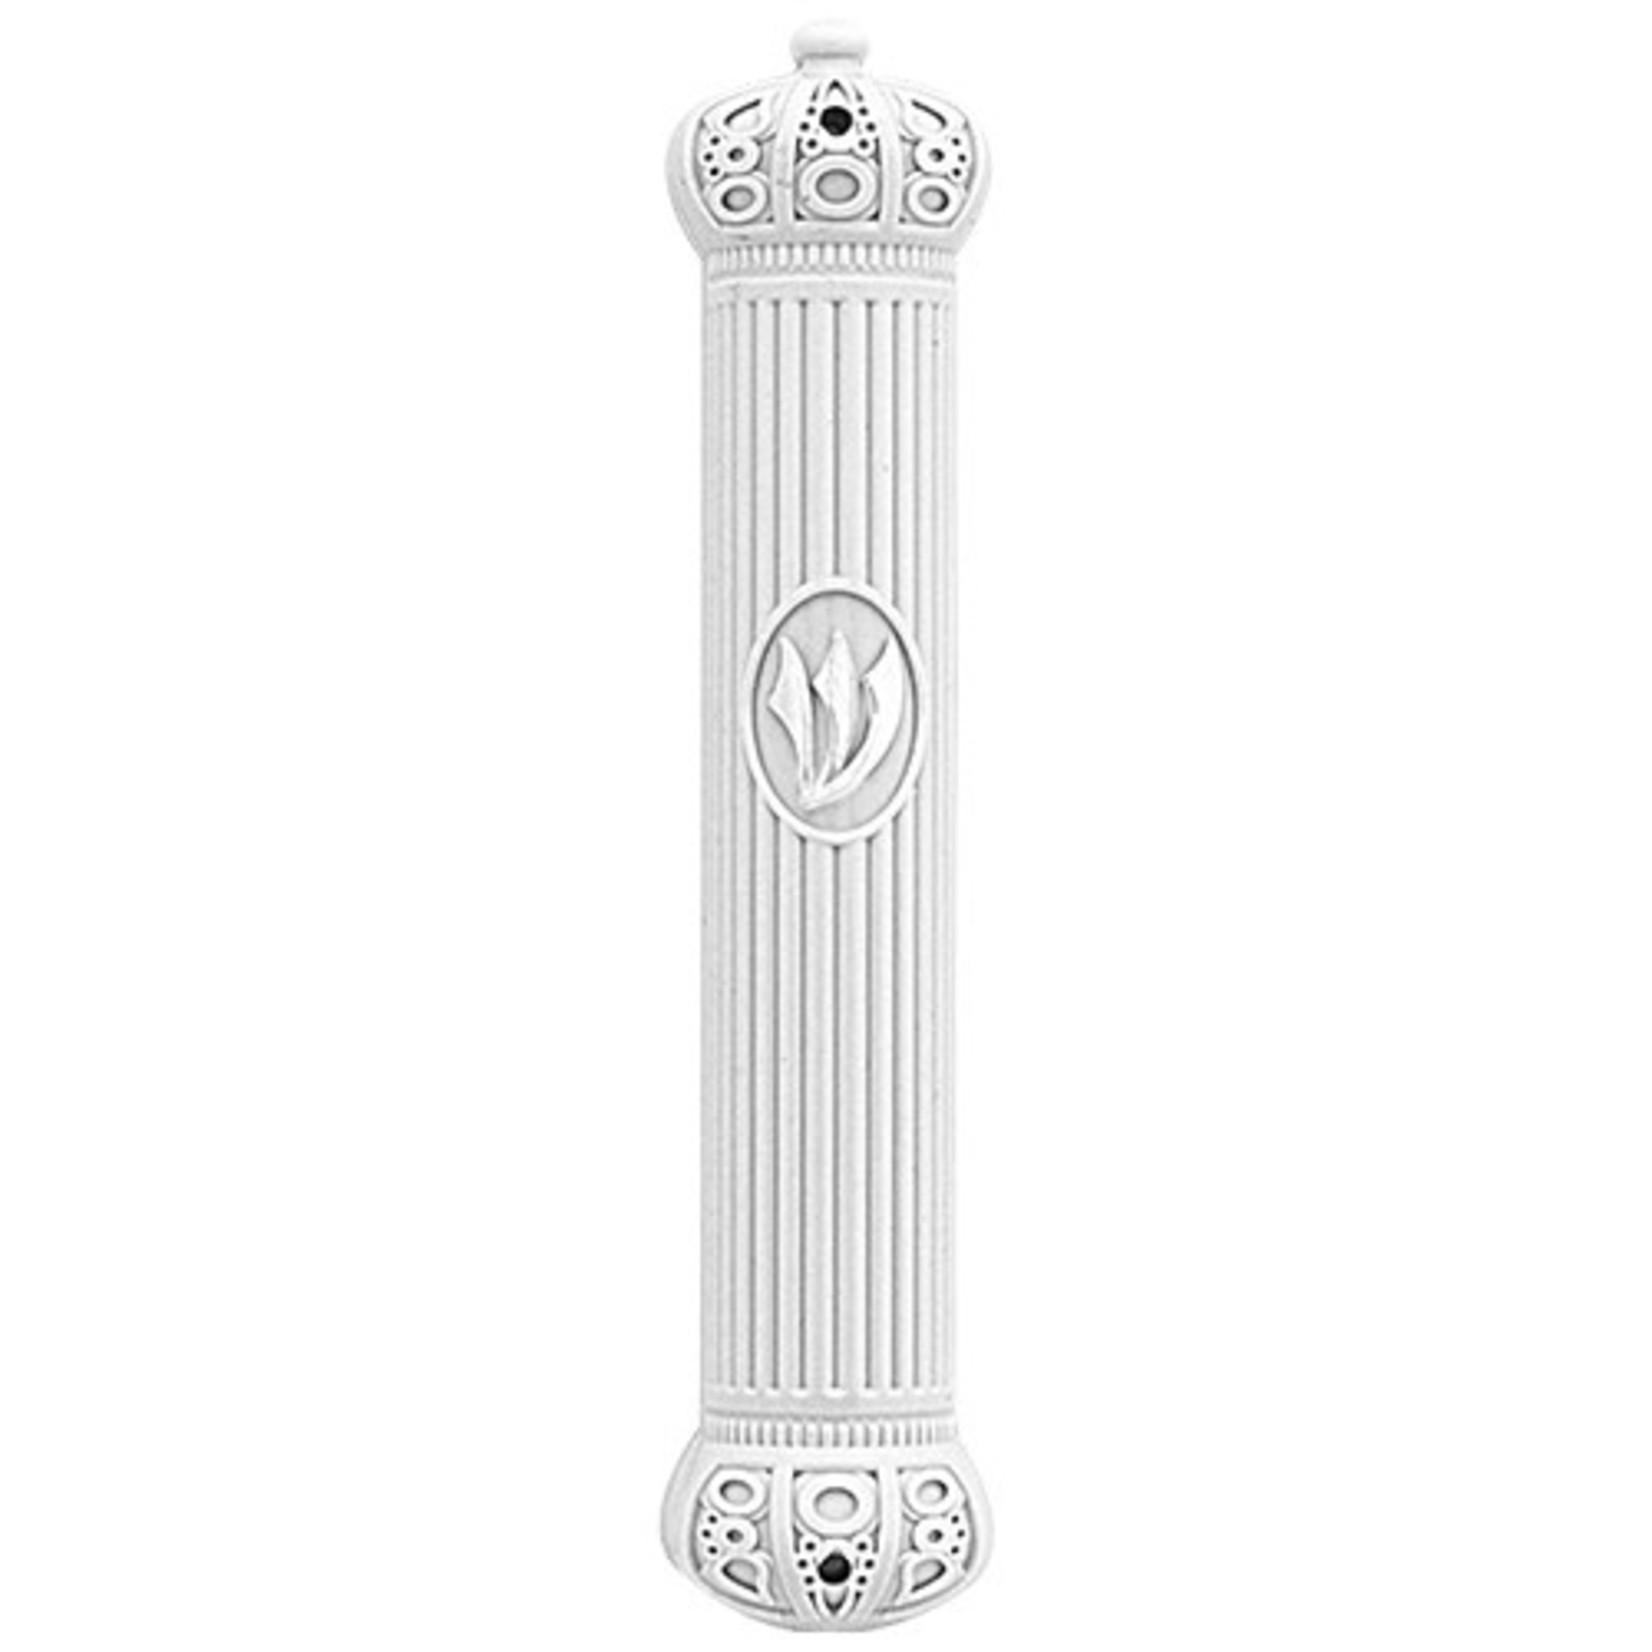 Mezuzah Case, White Plastic, 12cm